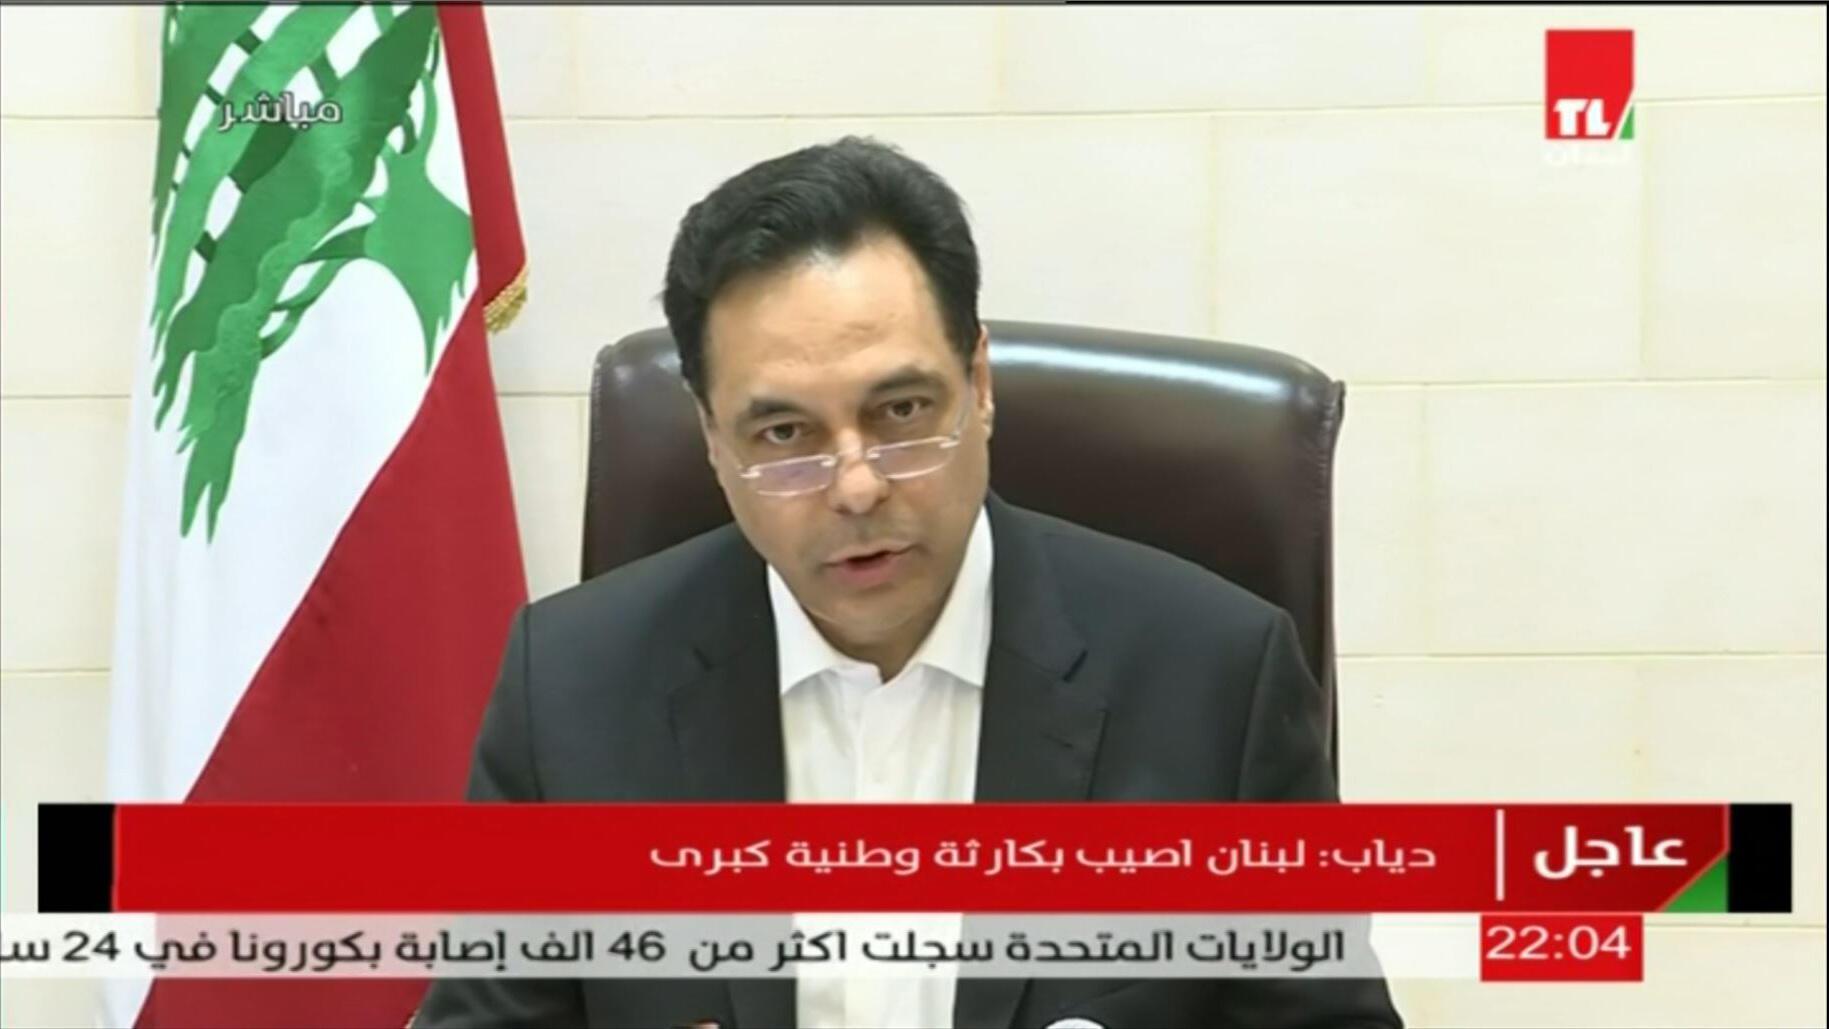 O primeiro-ministro libanês, Hassan Diab, disse que vai se manter no cargo pelo menos durante dois meses, enquanto as forças políticas entram em acordo sobre as eleições antecipadas.